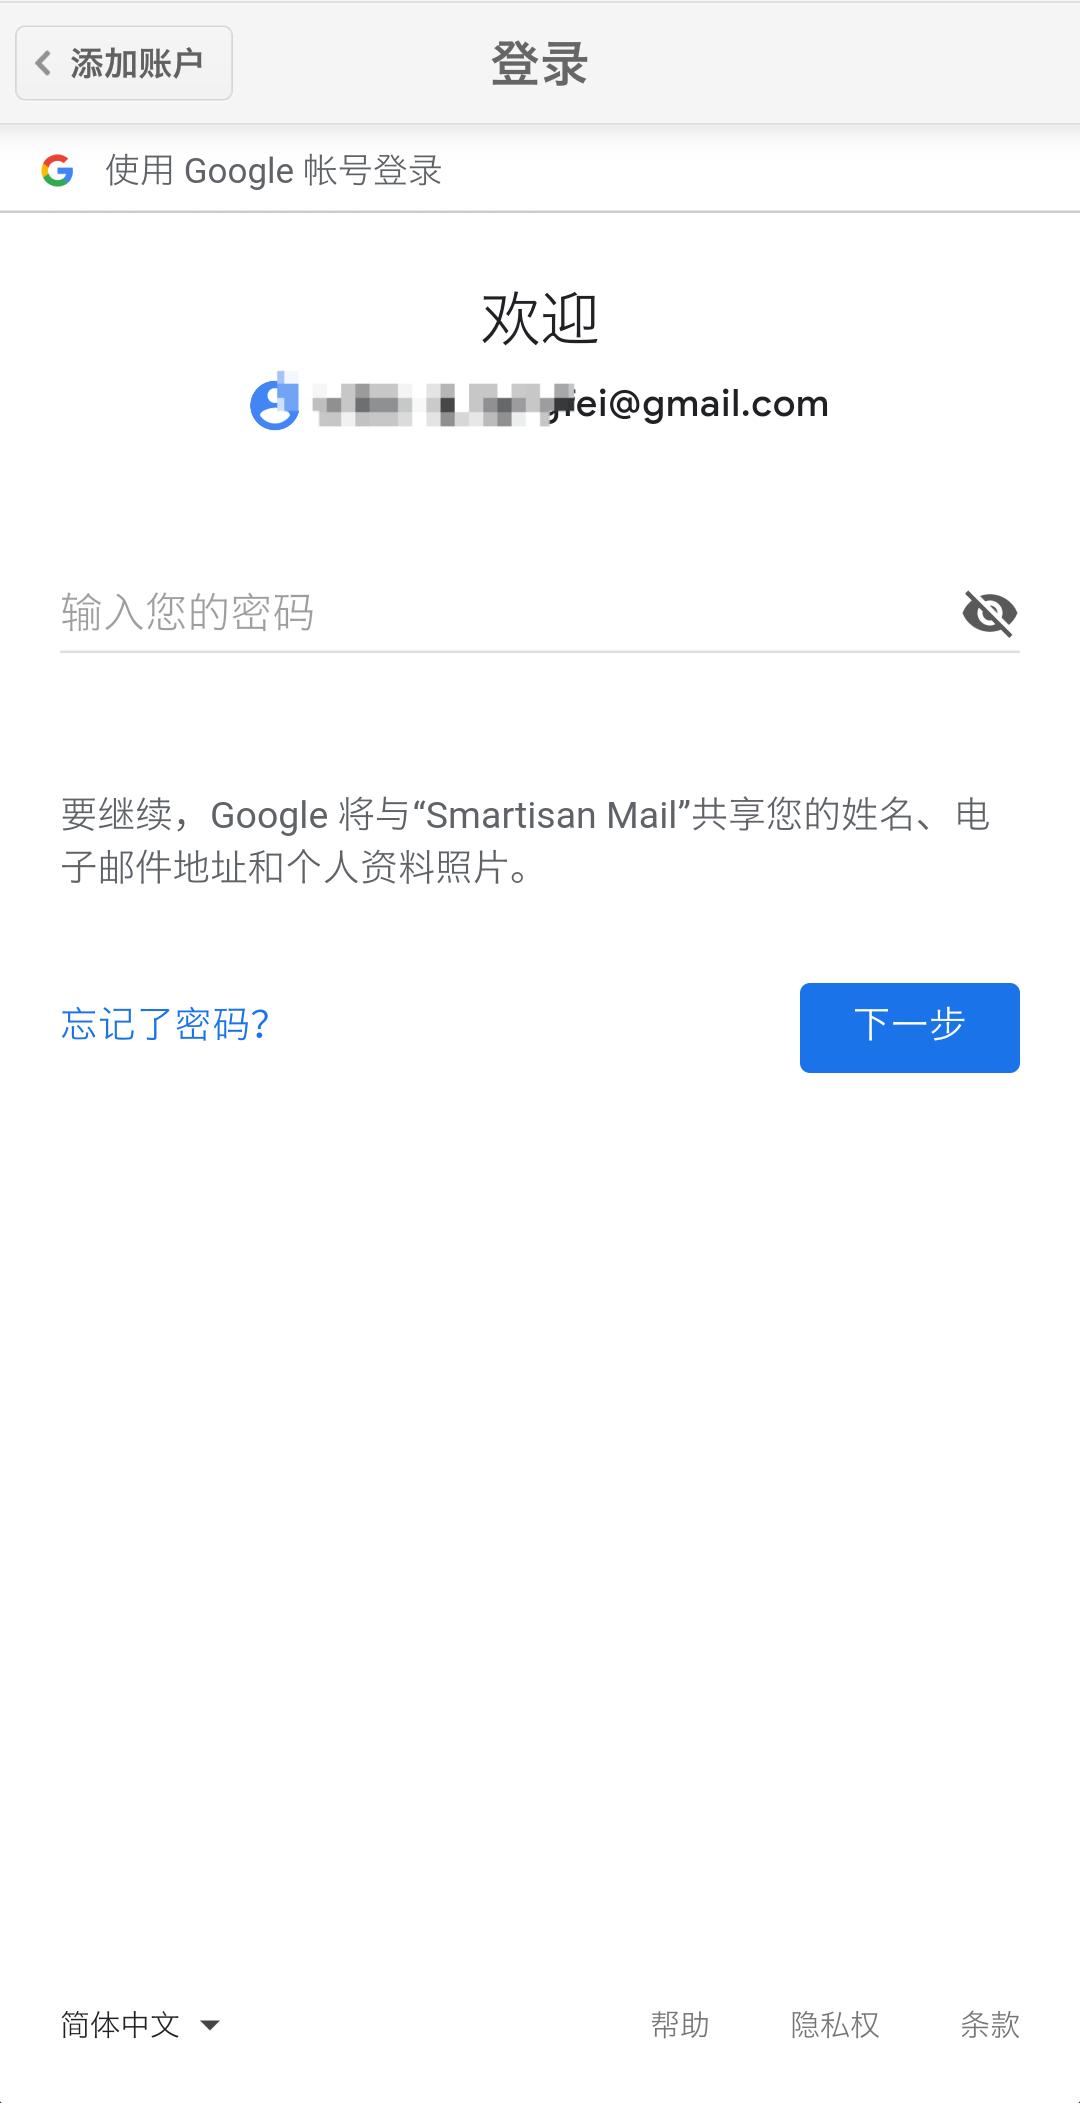 添加 Google 邮箱 2